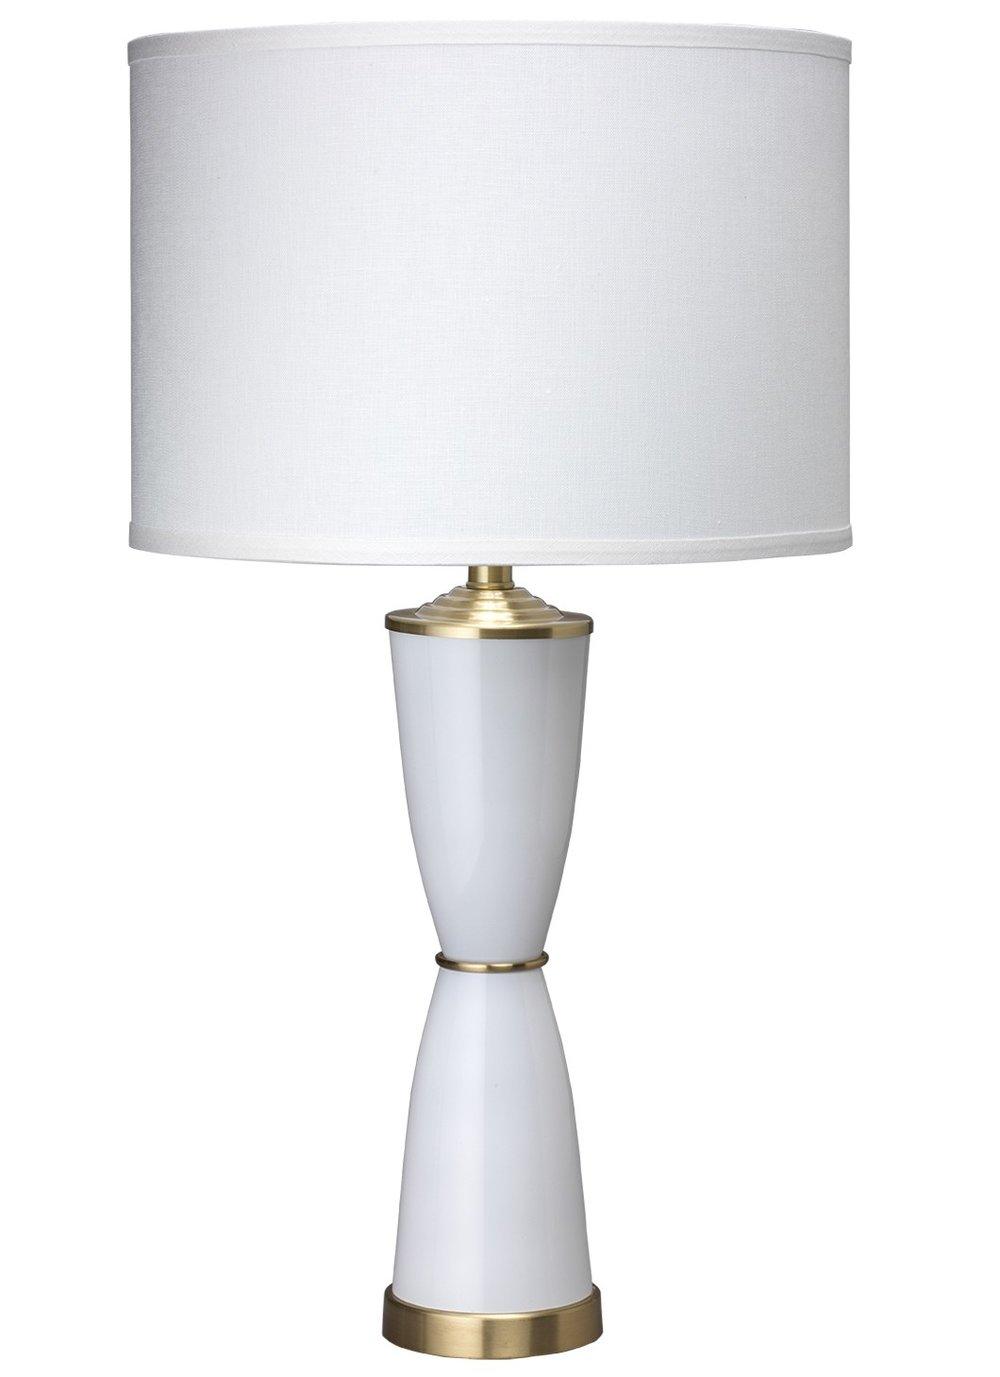 1505s_blidotablelamp-whiteglass.jpg